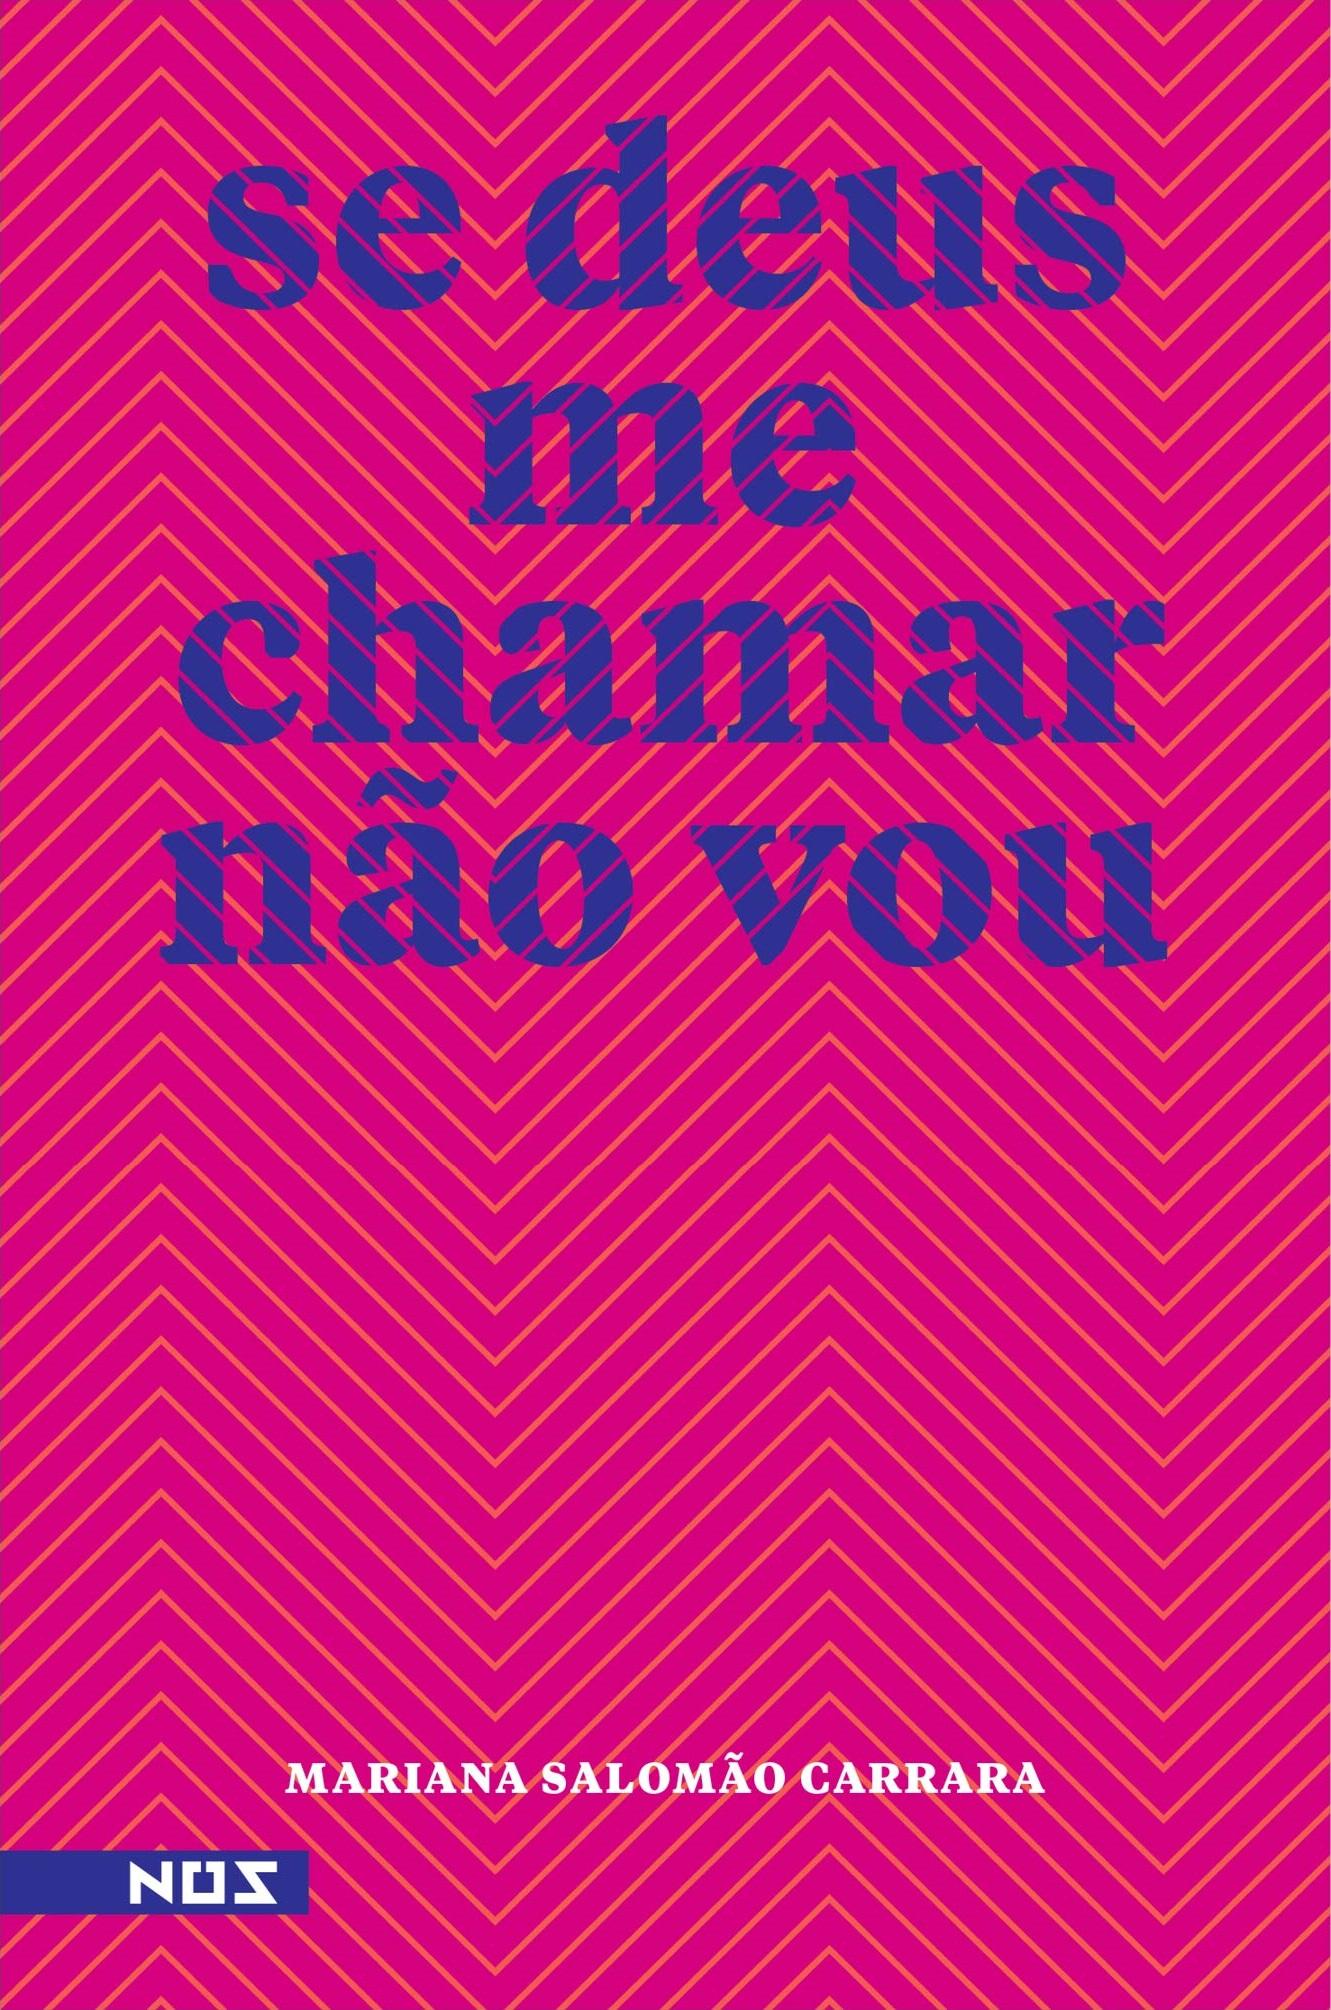 Se Deus Me Chamar Não Vou by Mariana Salomão Carrara